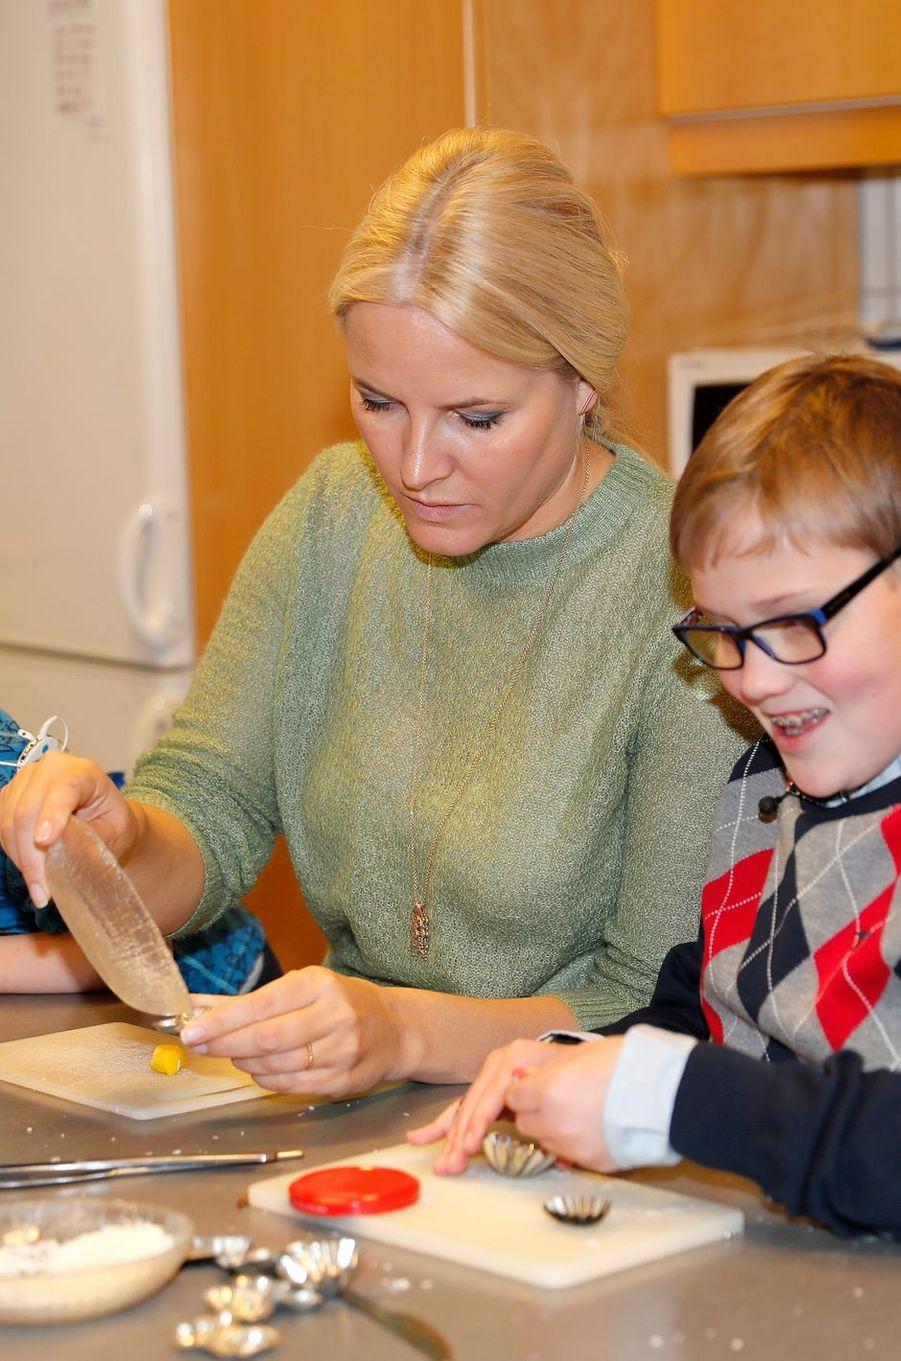 La princesse Mette-Marit de Norvège s'invite dans un atelier de Noël à Baerum, le 14 décembre 2016